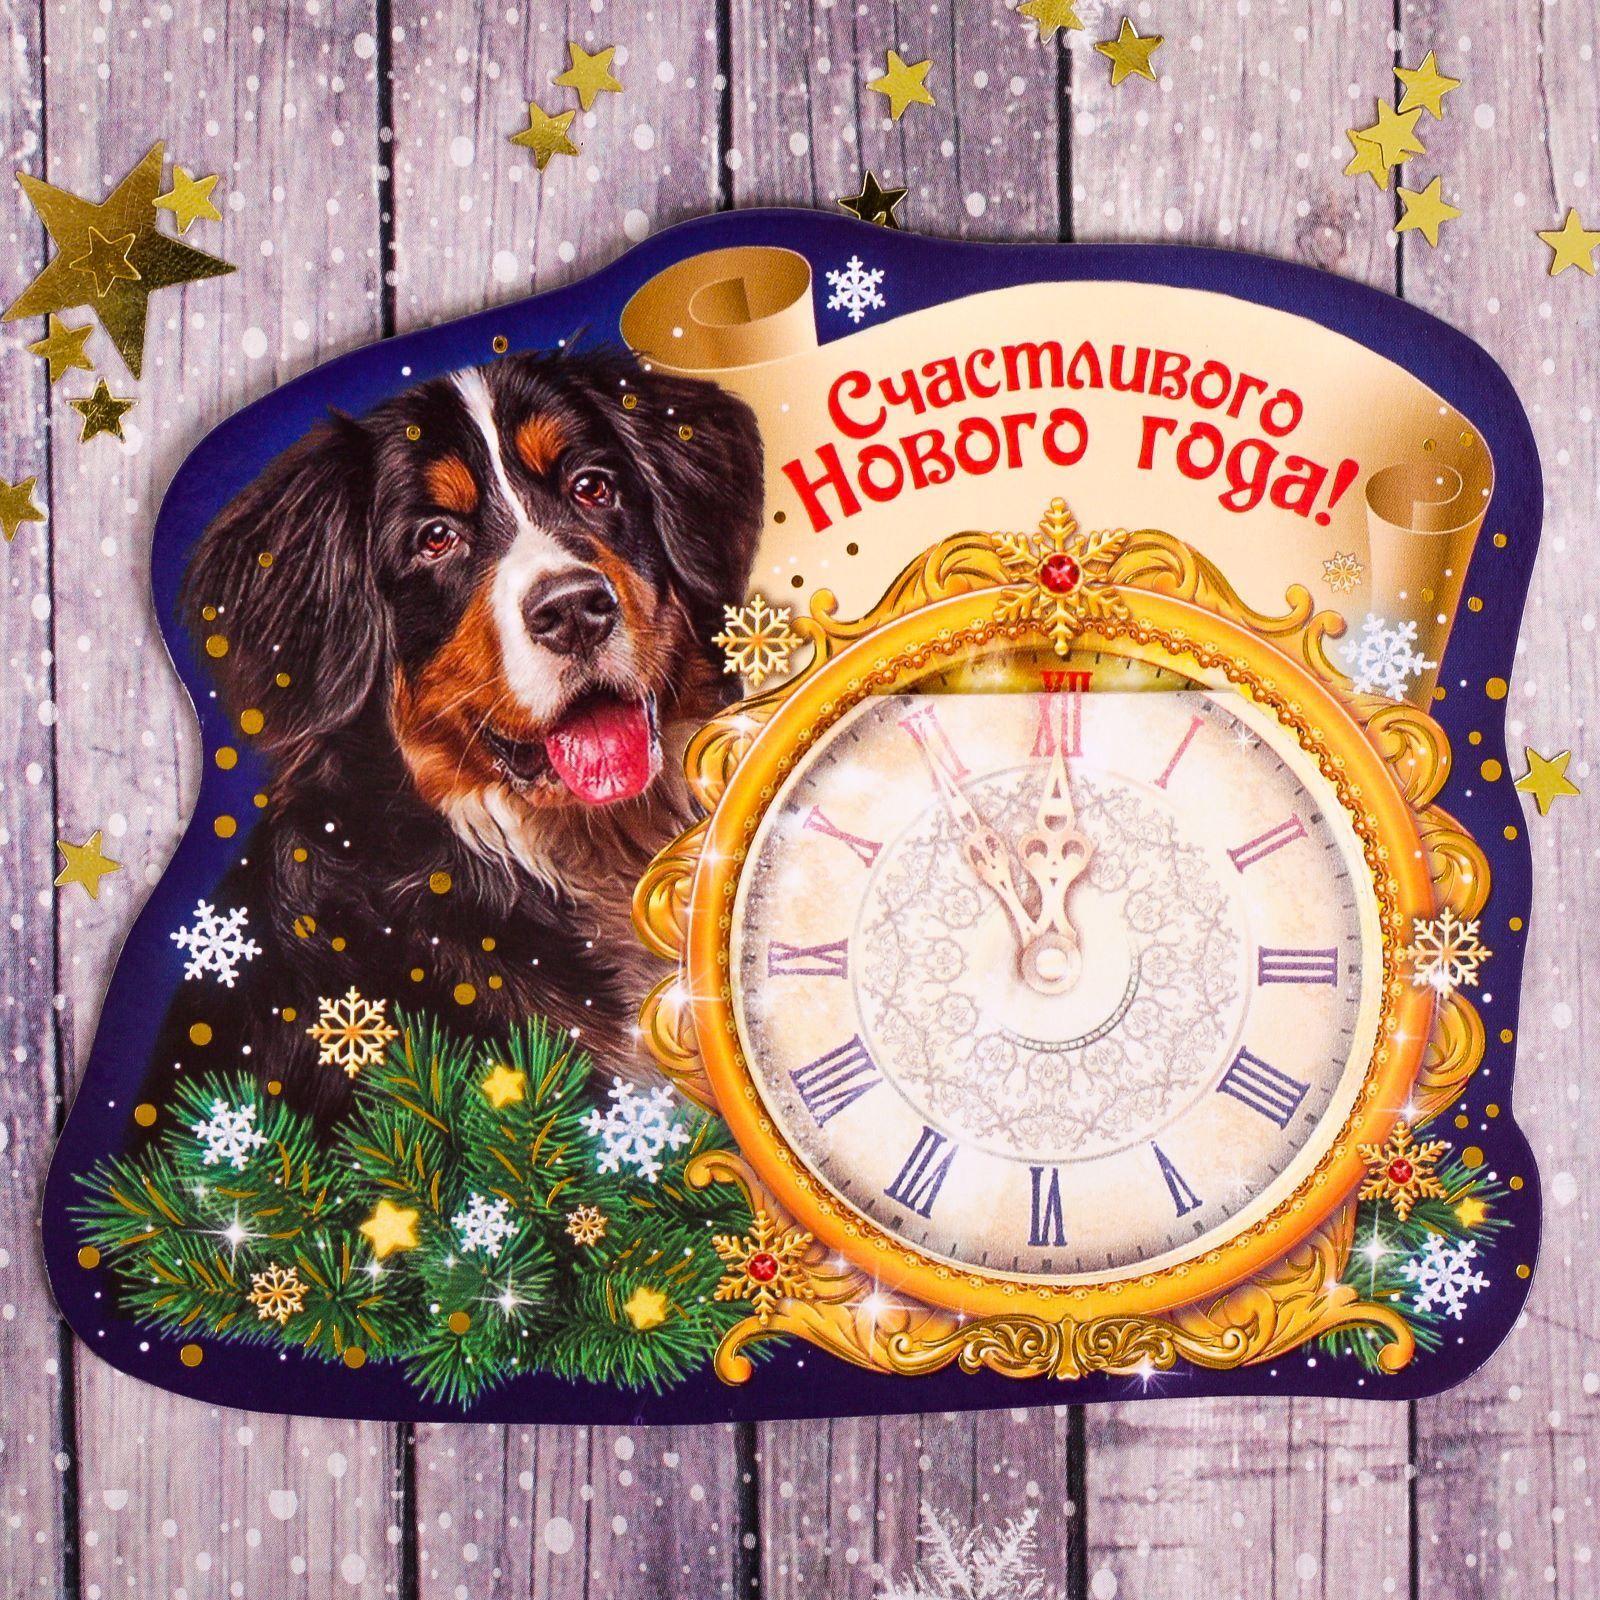 Магнит Sima-land Счастливого Нового года, с блоком для записей, 12 х 9,6 см2252411Порадуйте родных и близких оригинальным сувениром: преподнесите в подарок магнит. С ним даже самый серьёзный человек почувствует себя ребёнком, ожидающим чудо! Создайте праздничное настроение, и оно останется с вами на весь год.